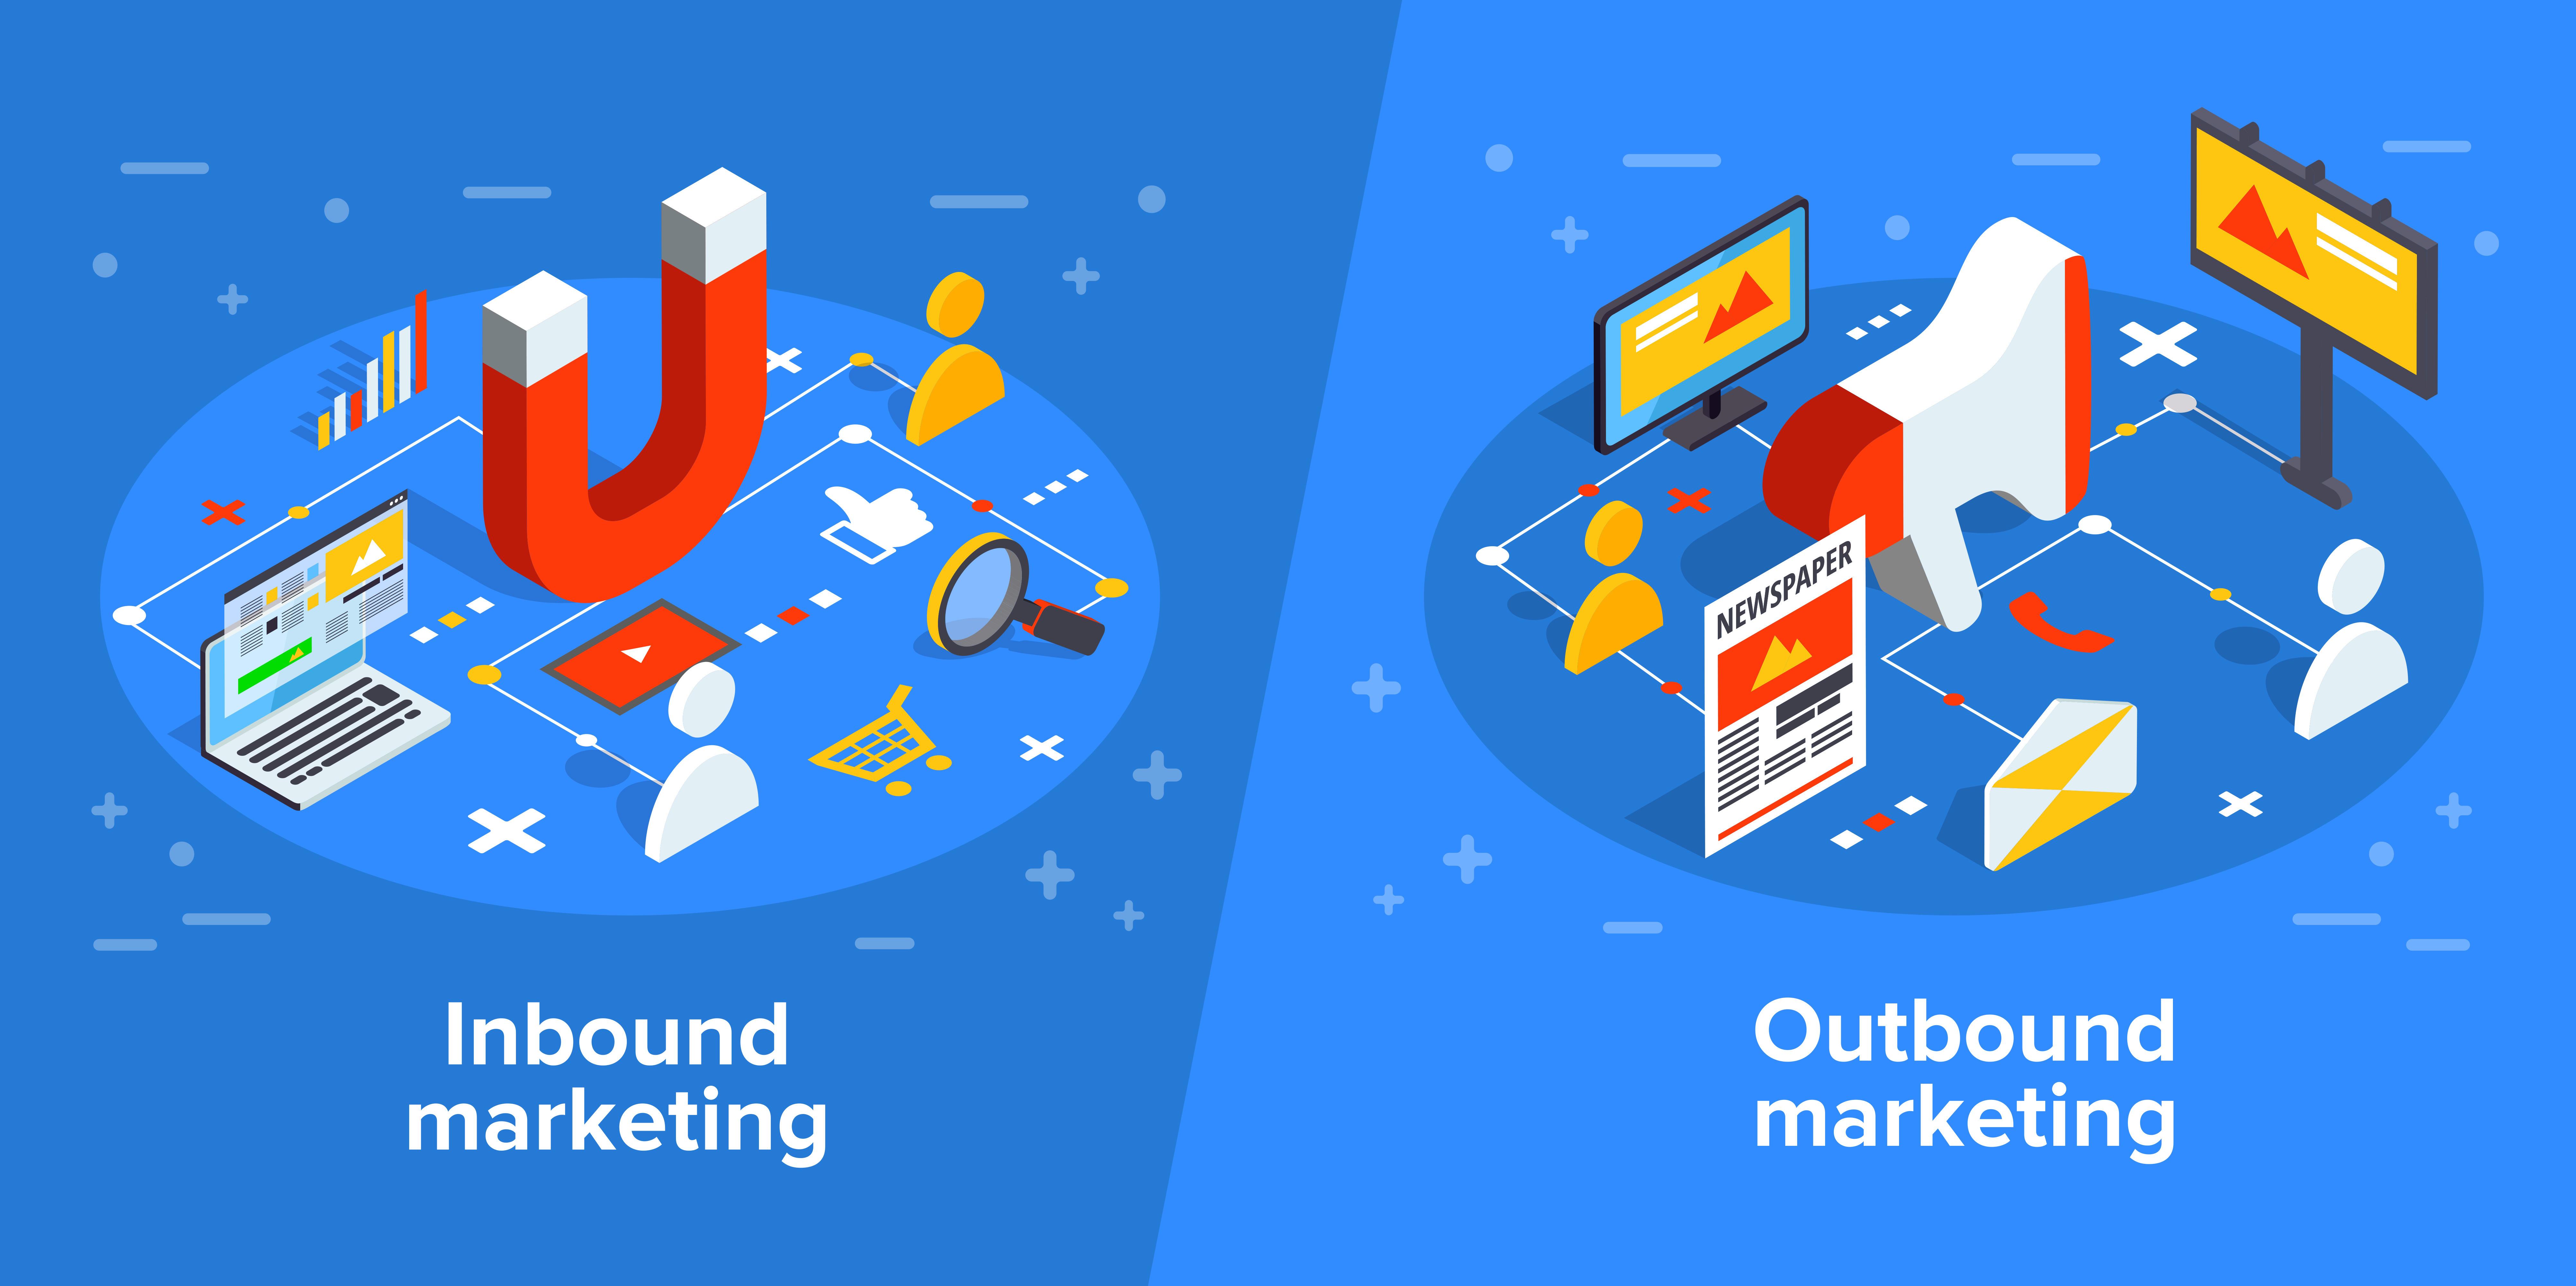 inbound_versus_outbound